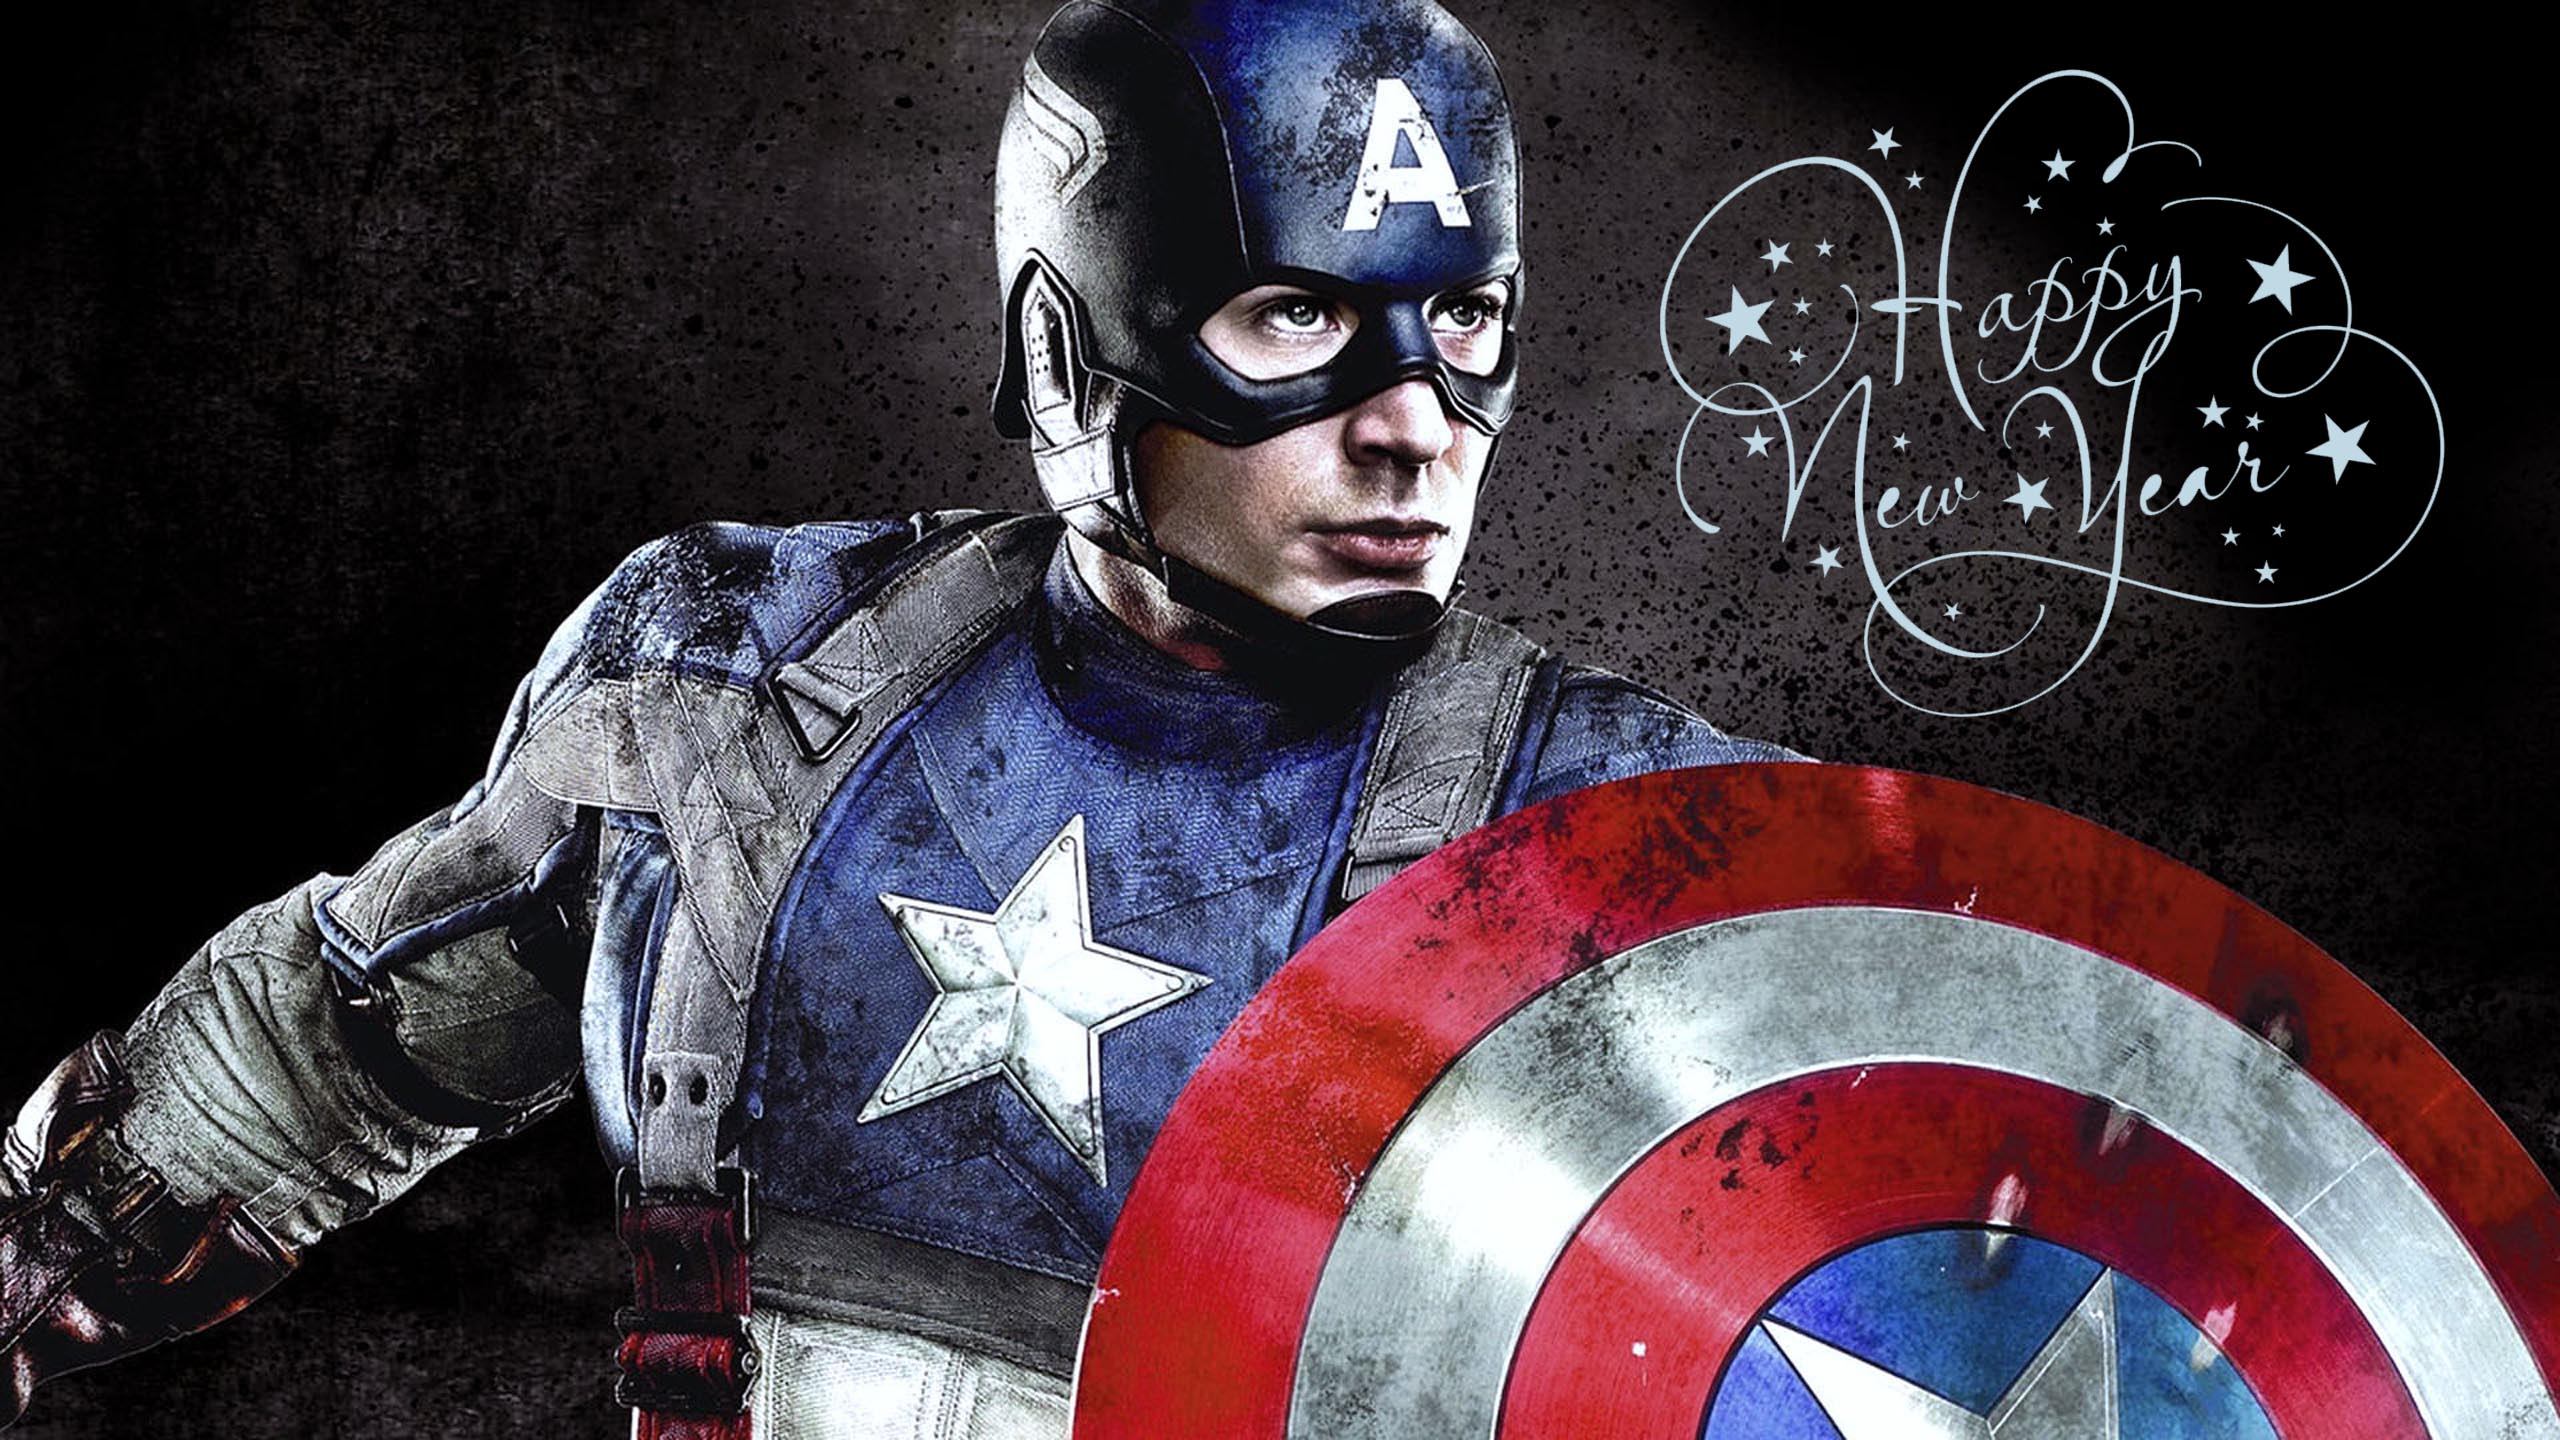 happy new year greetings super hero captain america kids hd wallpaper